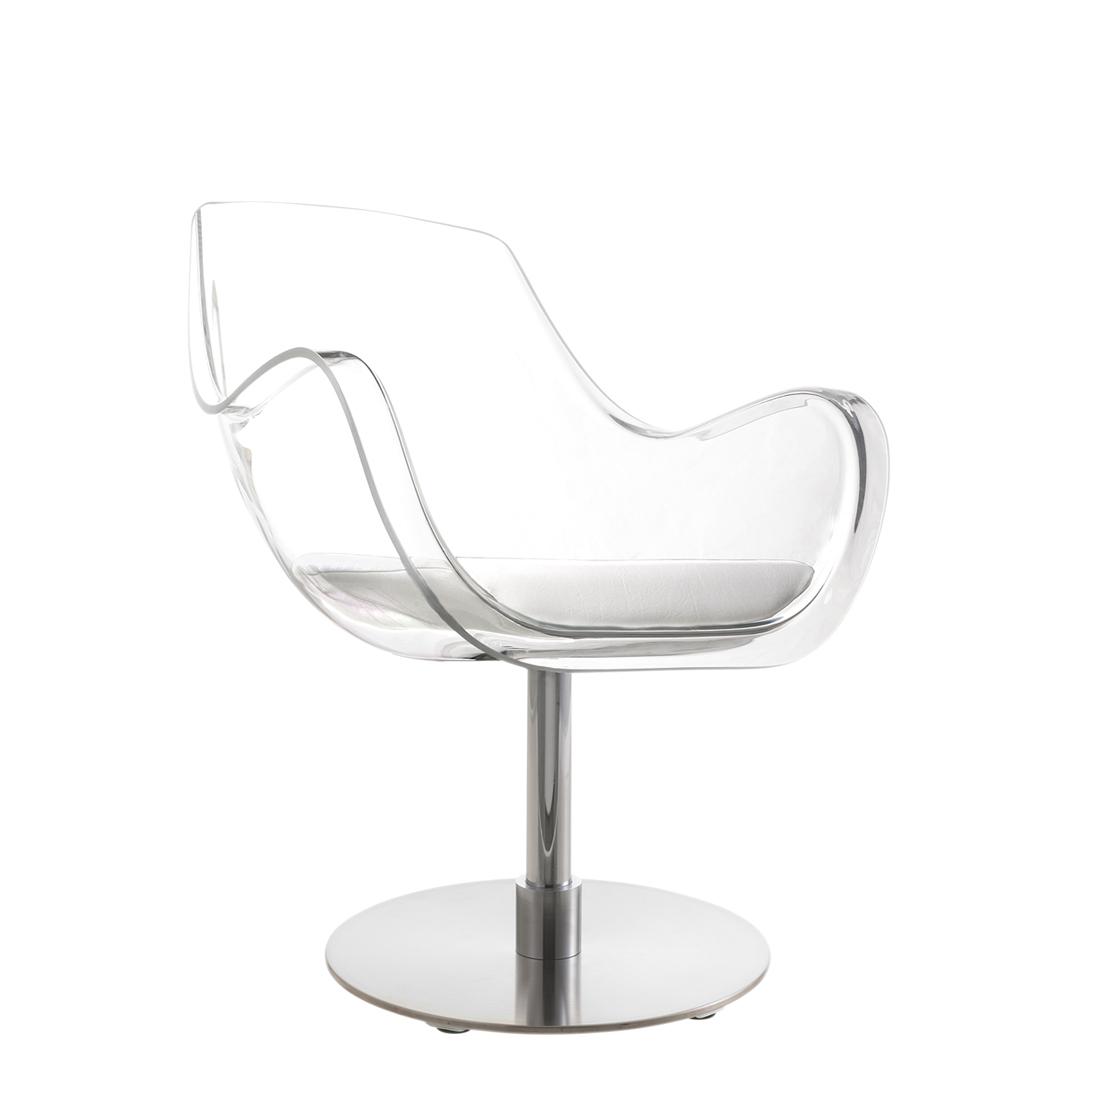 CINDARELLA – Manon chair 3